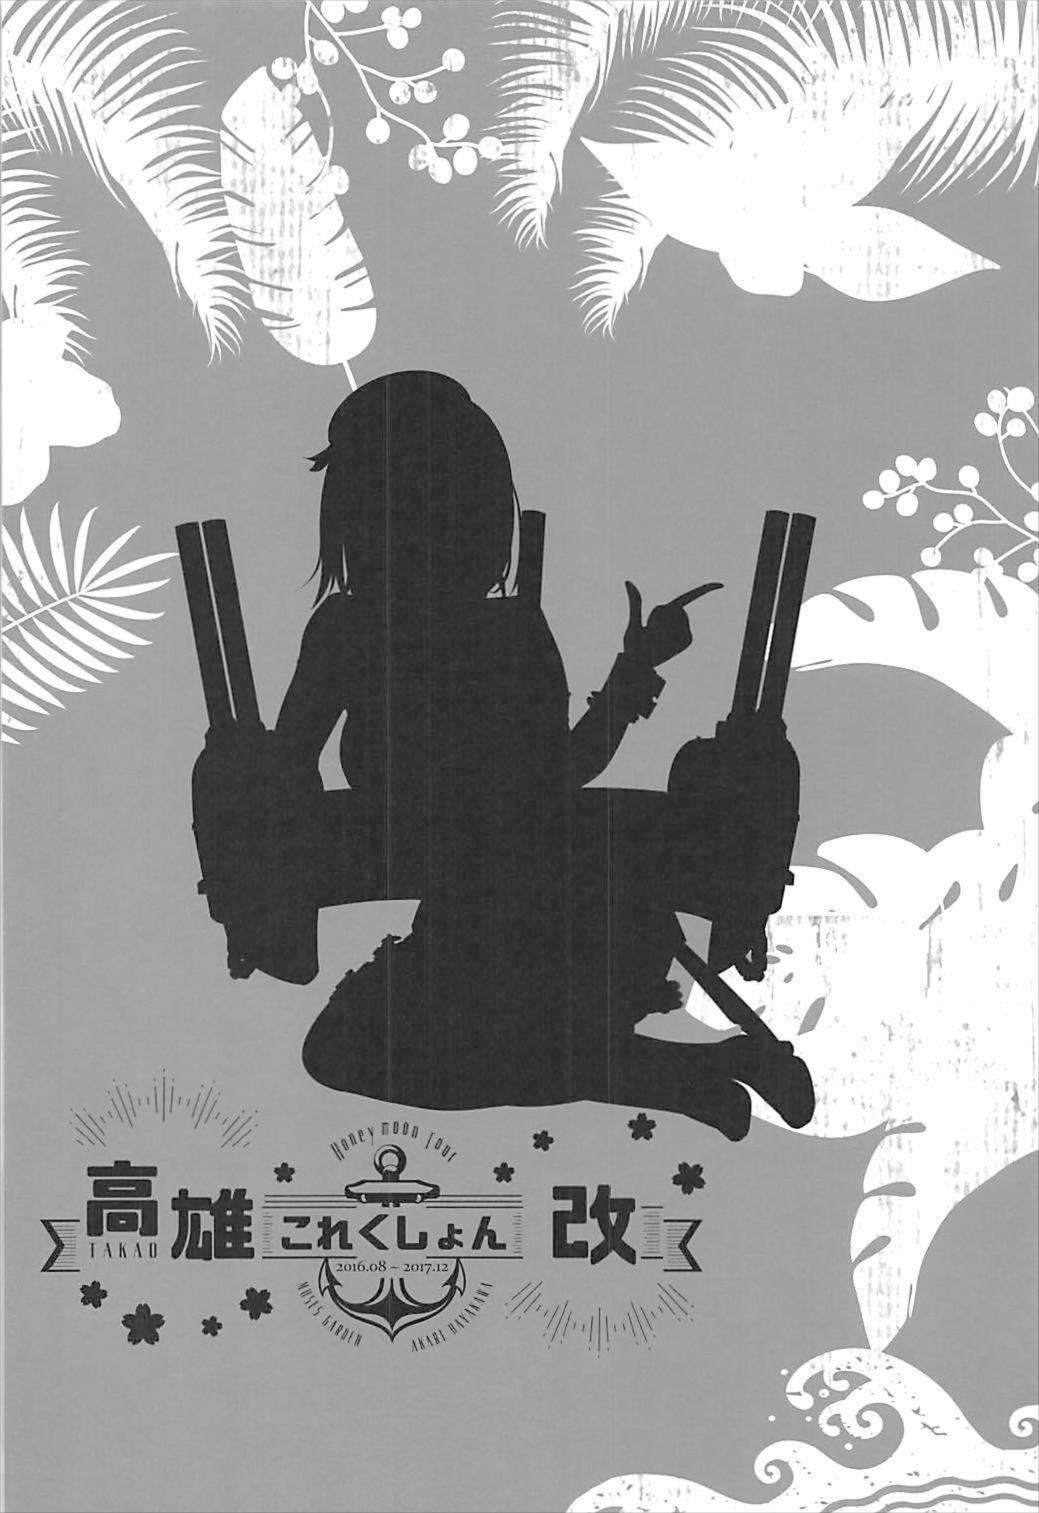 Takao Collection Kai Honeymoon Tour 65